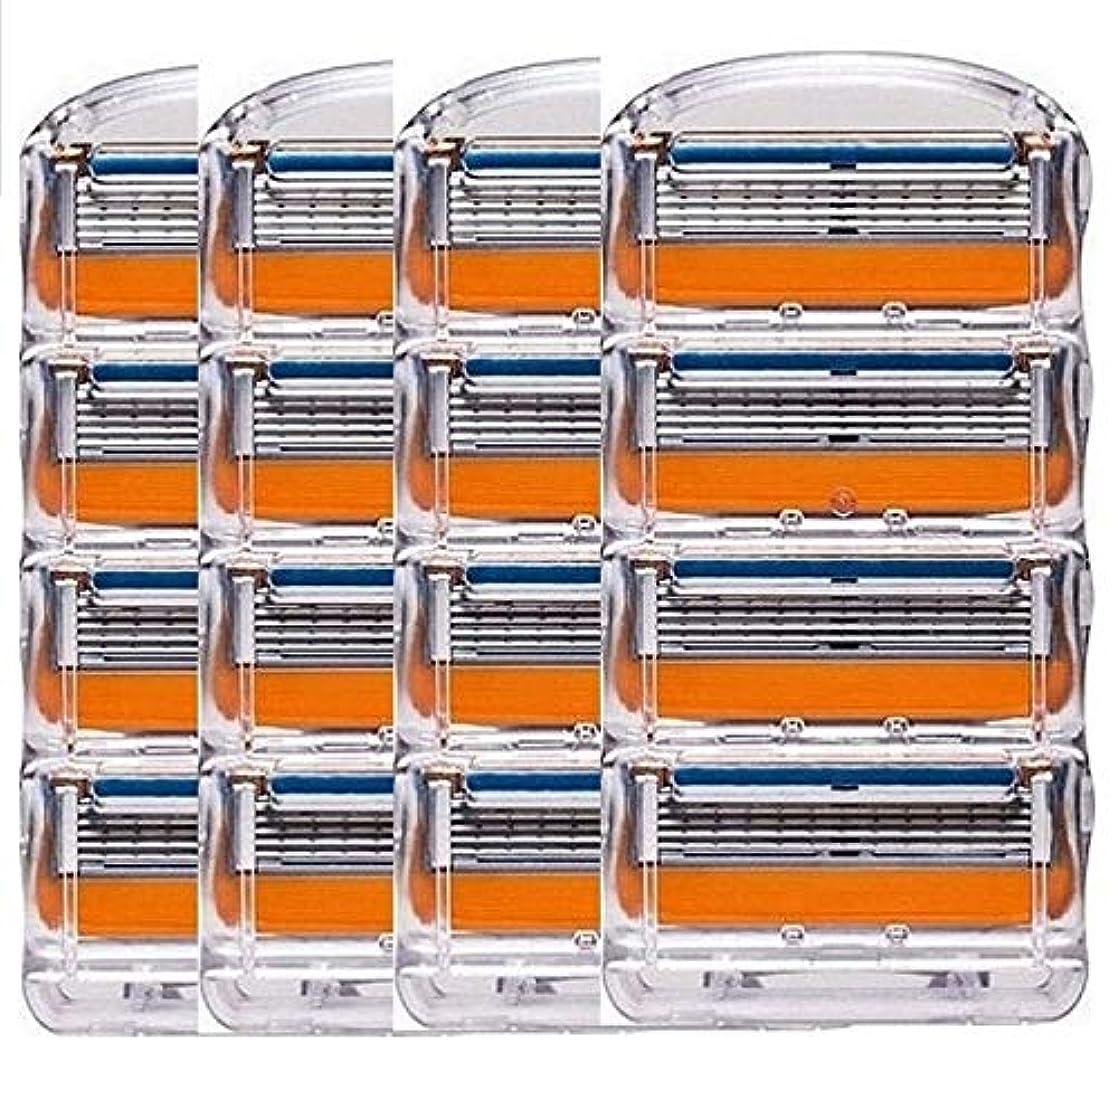 豚販売計画証書ジレット フュージョン用 替刃 互換品 4セット 16個 髭剃り Gillette Fusion プログライド パワー 替え刃 オレンジ